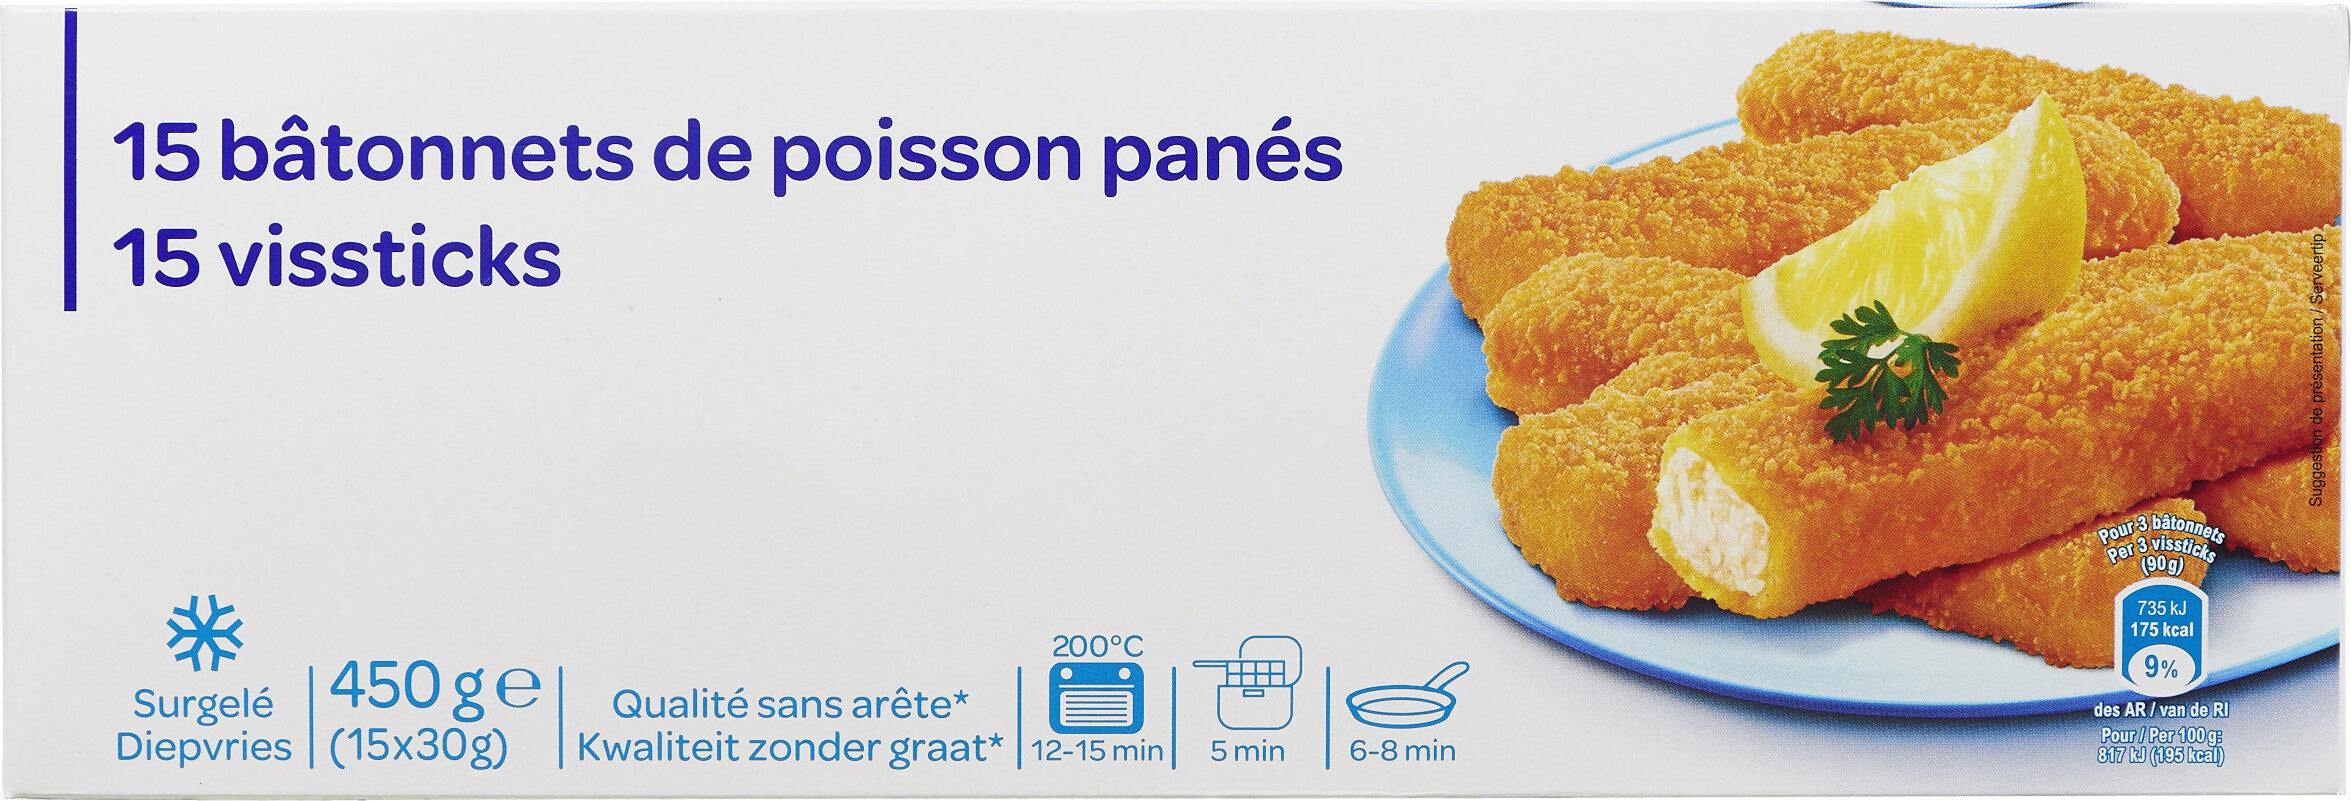 15 bâtonnets de poisson panés - Product - fr